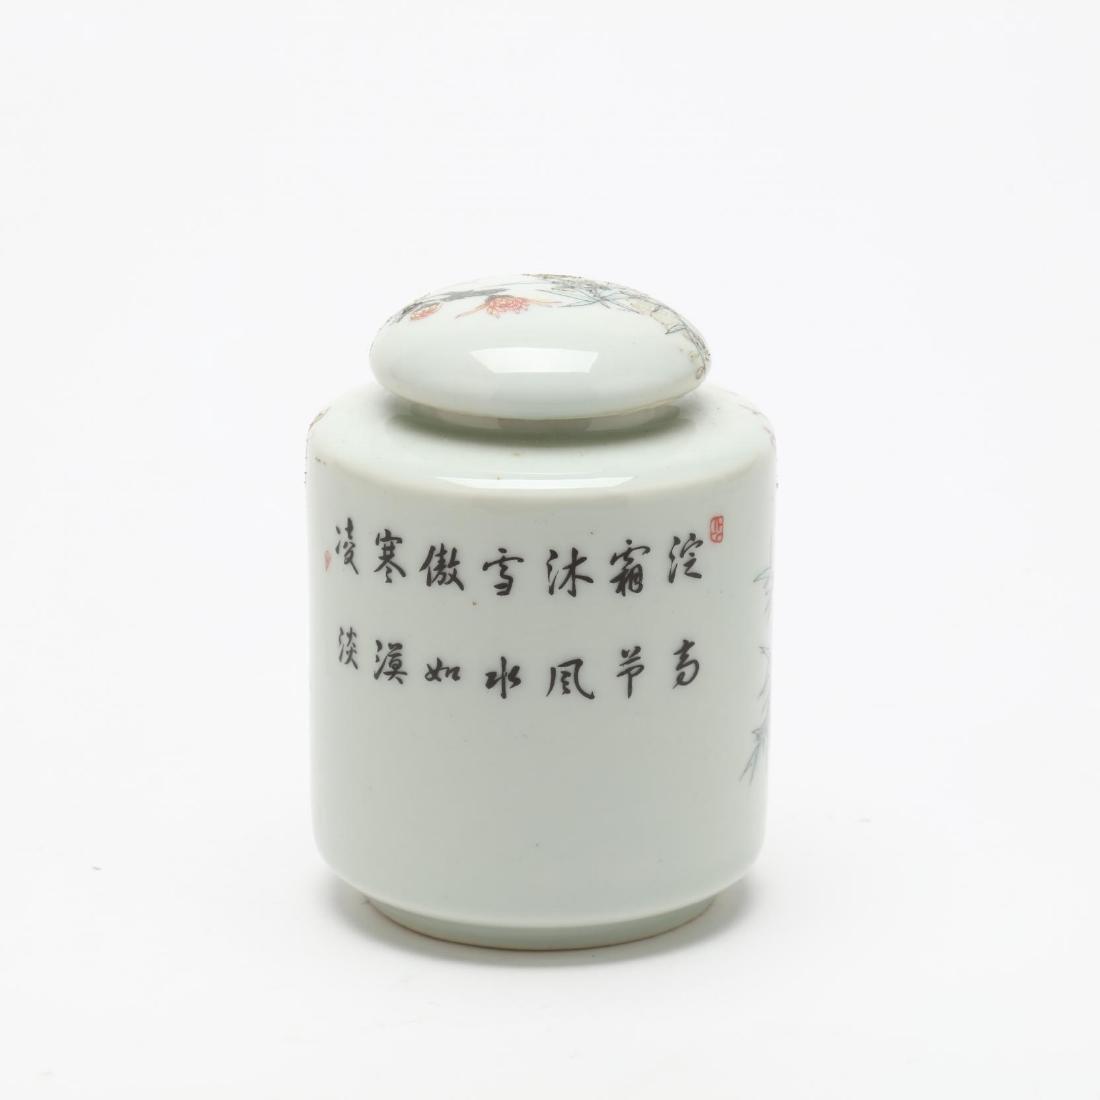 Two Contemporary Asian Ceramics - 4